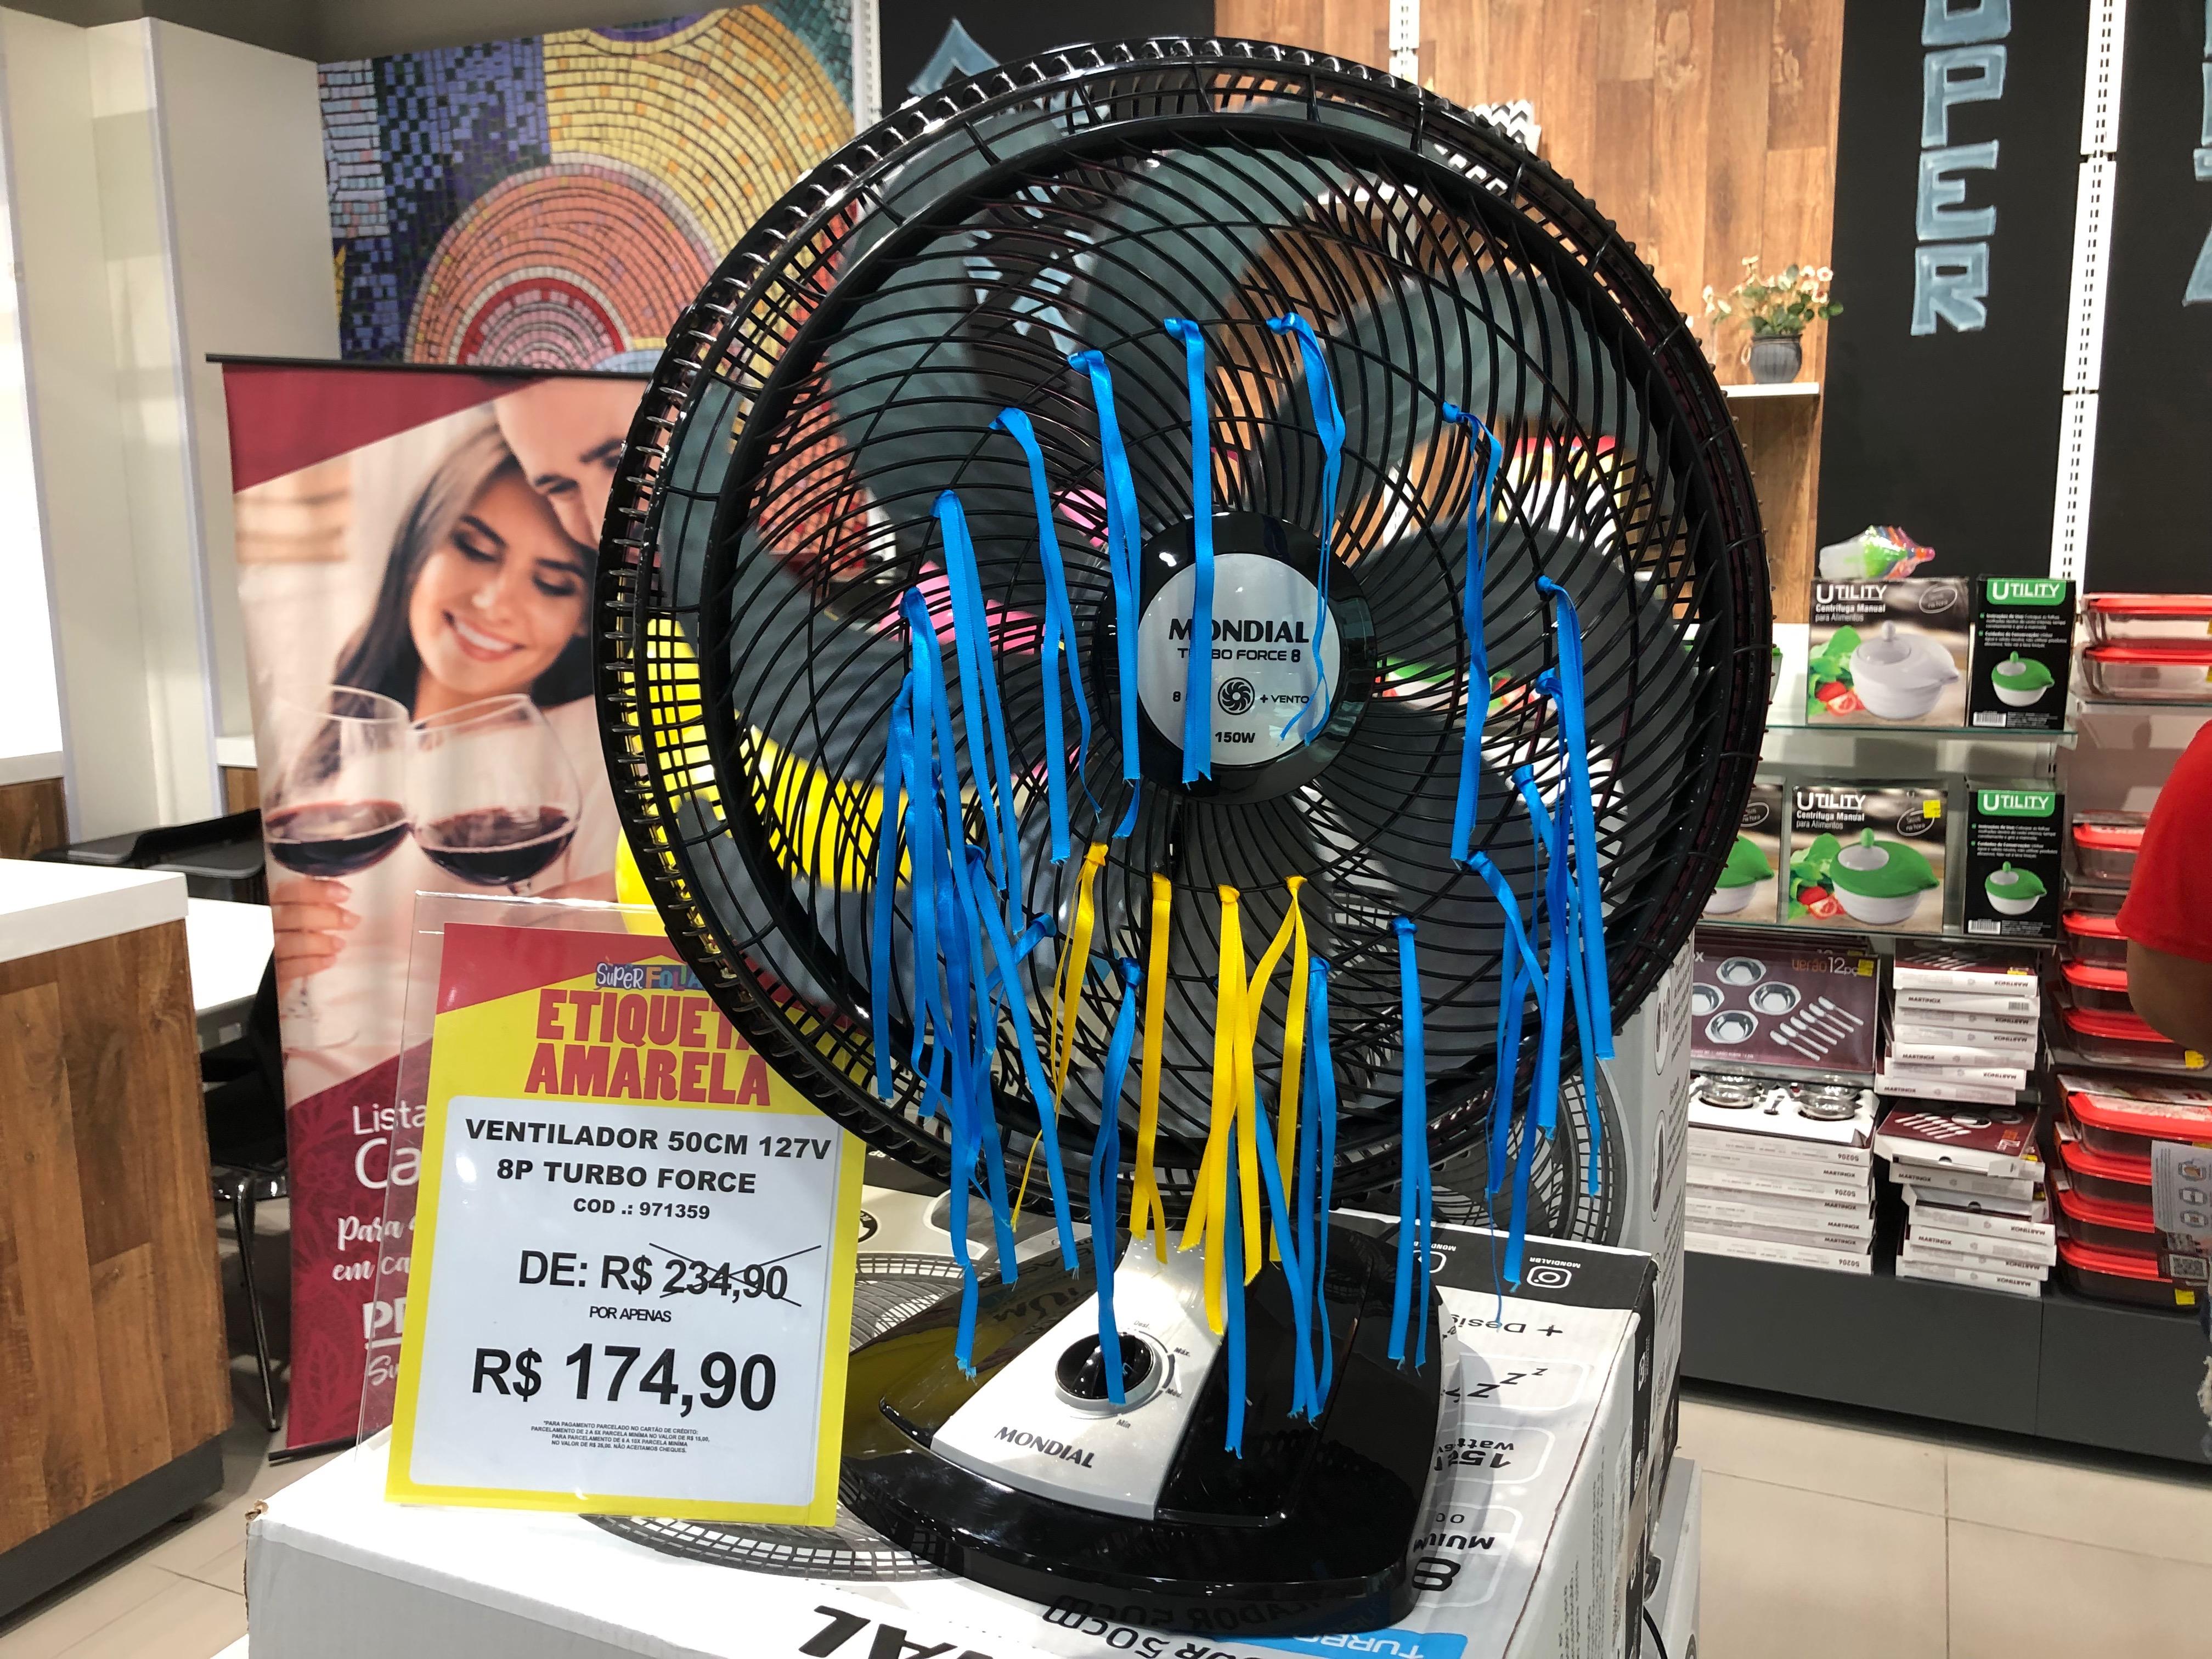 Ventilador Turbo oito pás Mondial (Preçolandia - Salvador Shopping) de R$ 234,9 por R$ 174,9 (25,5%)